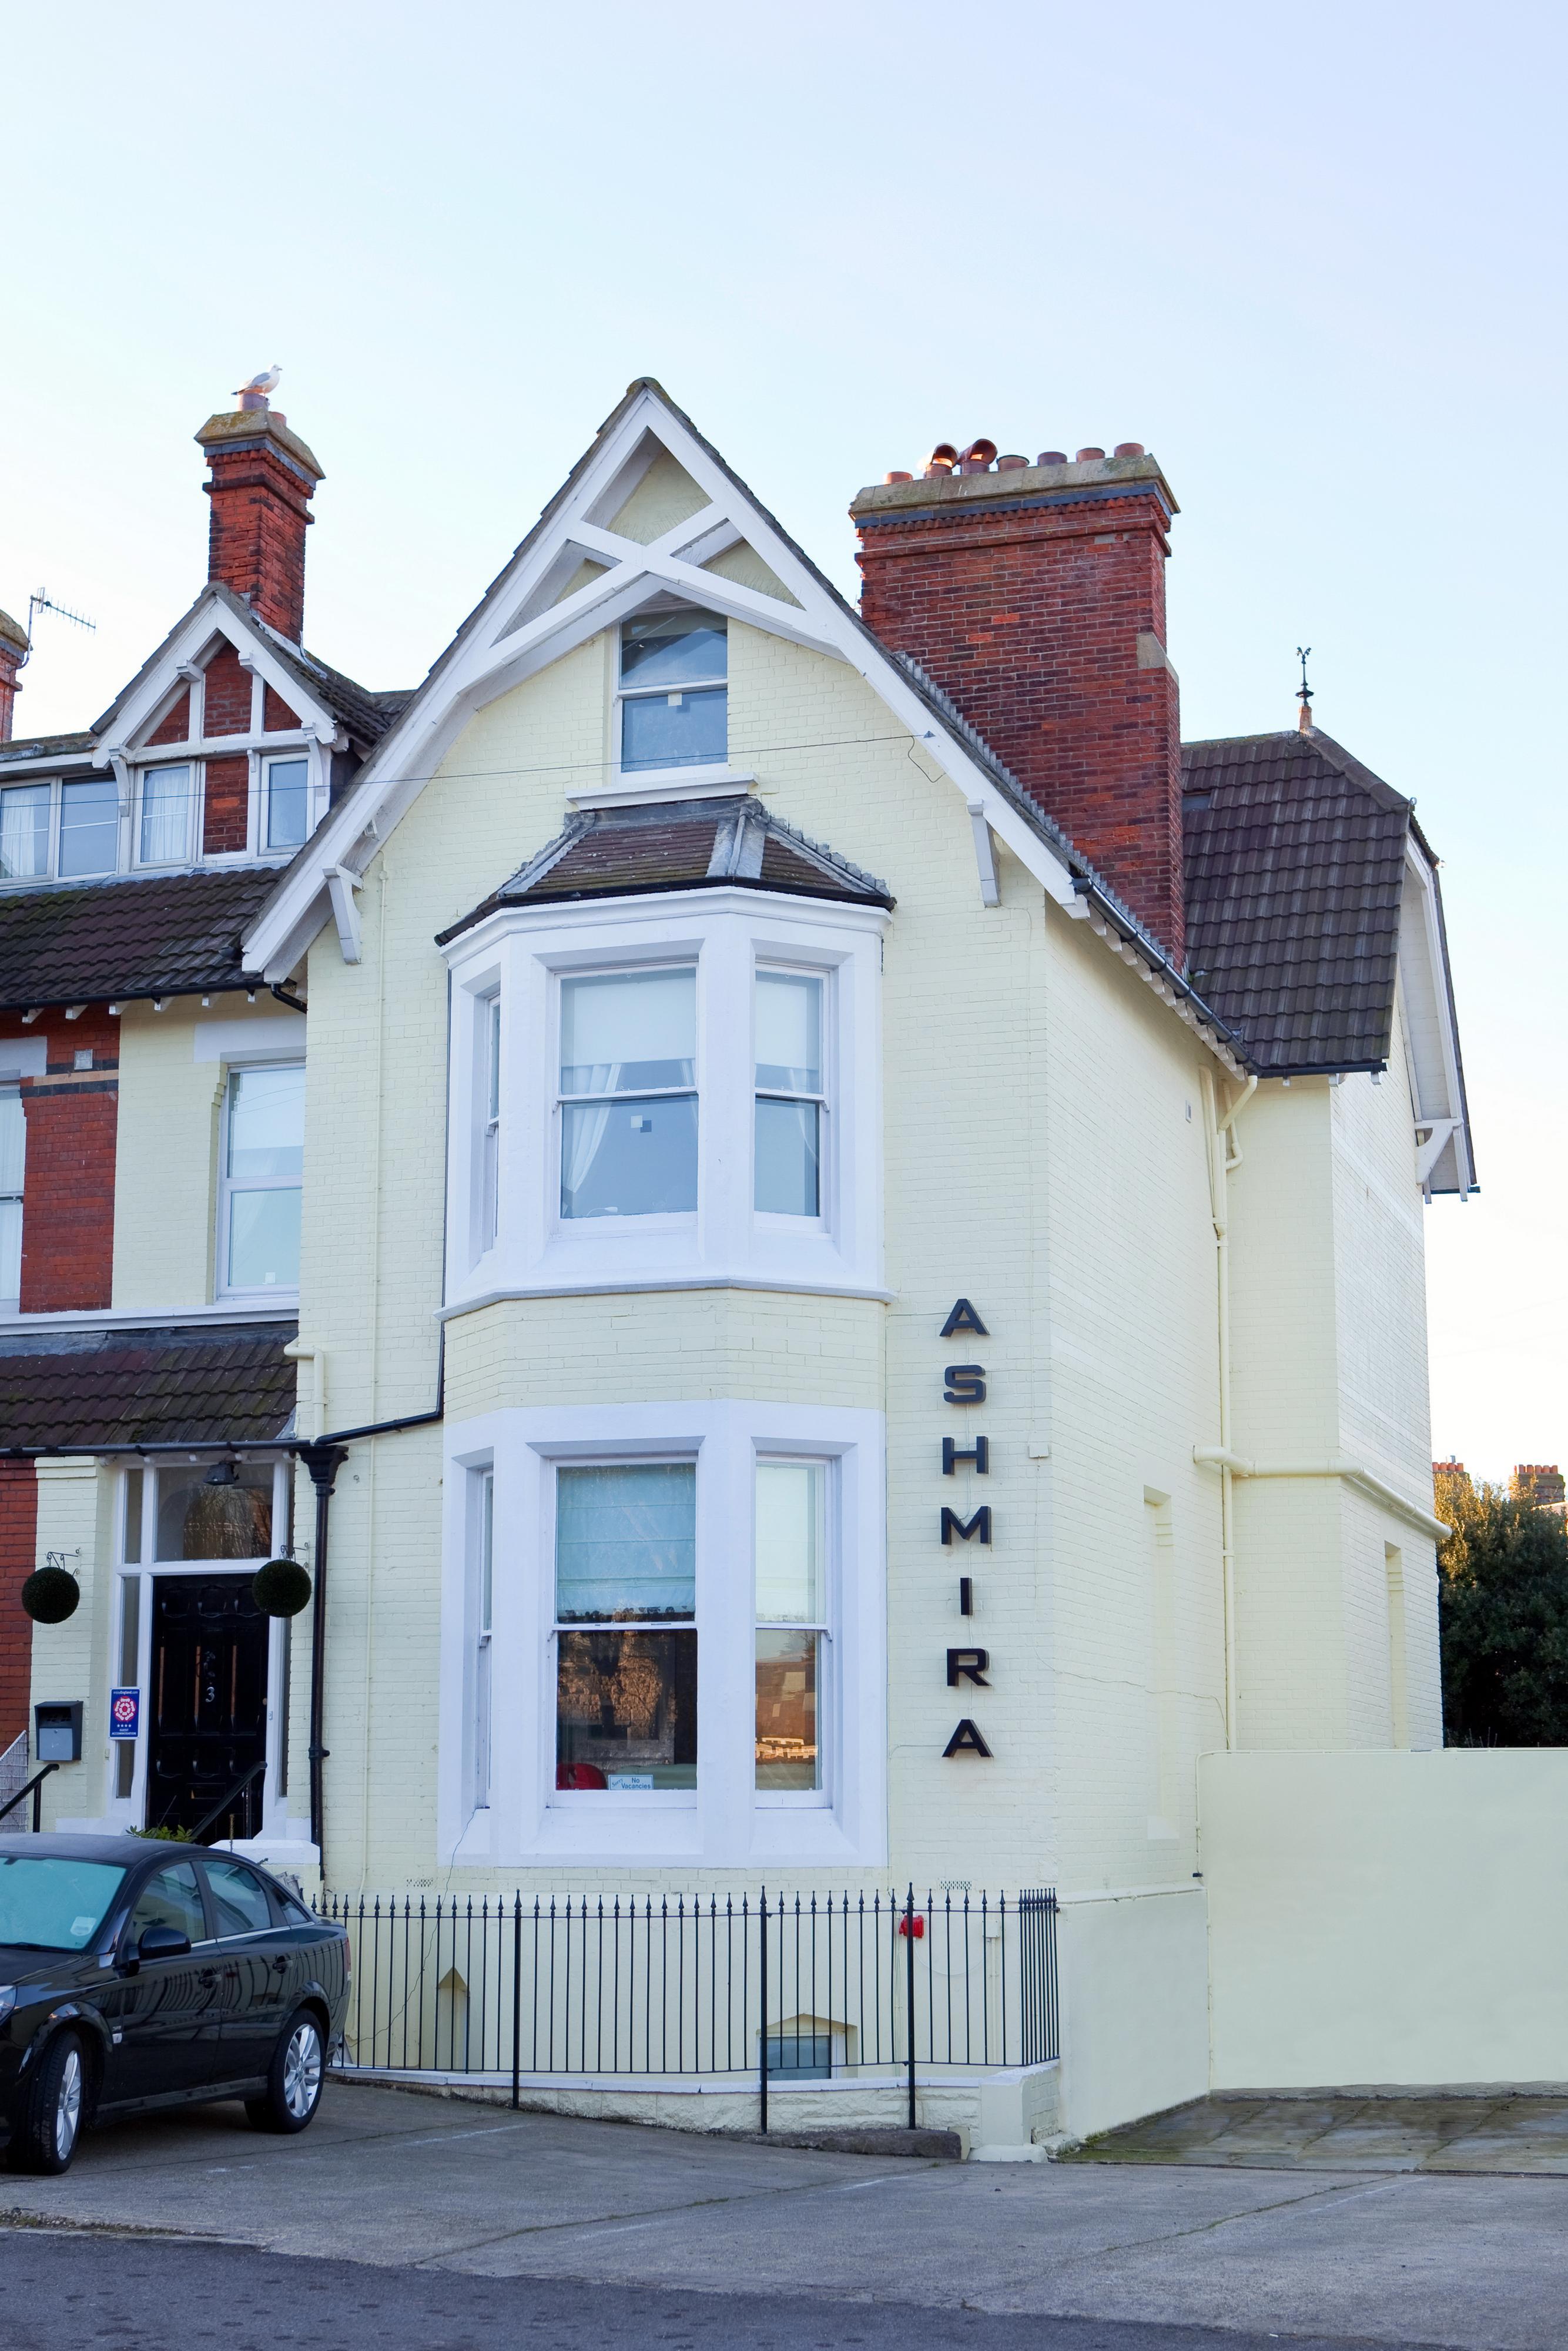 Ashmira Guest House